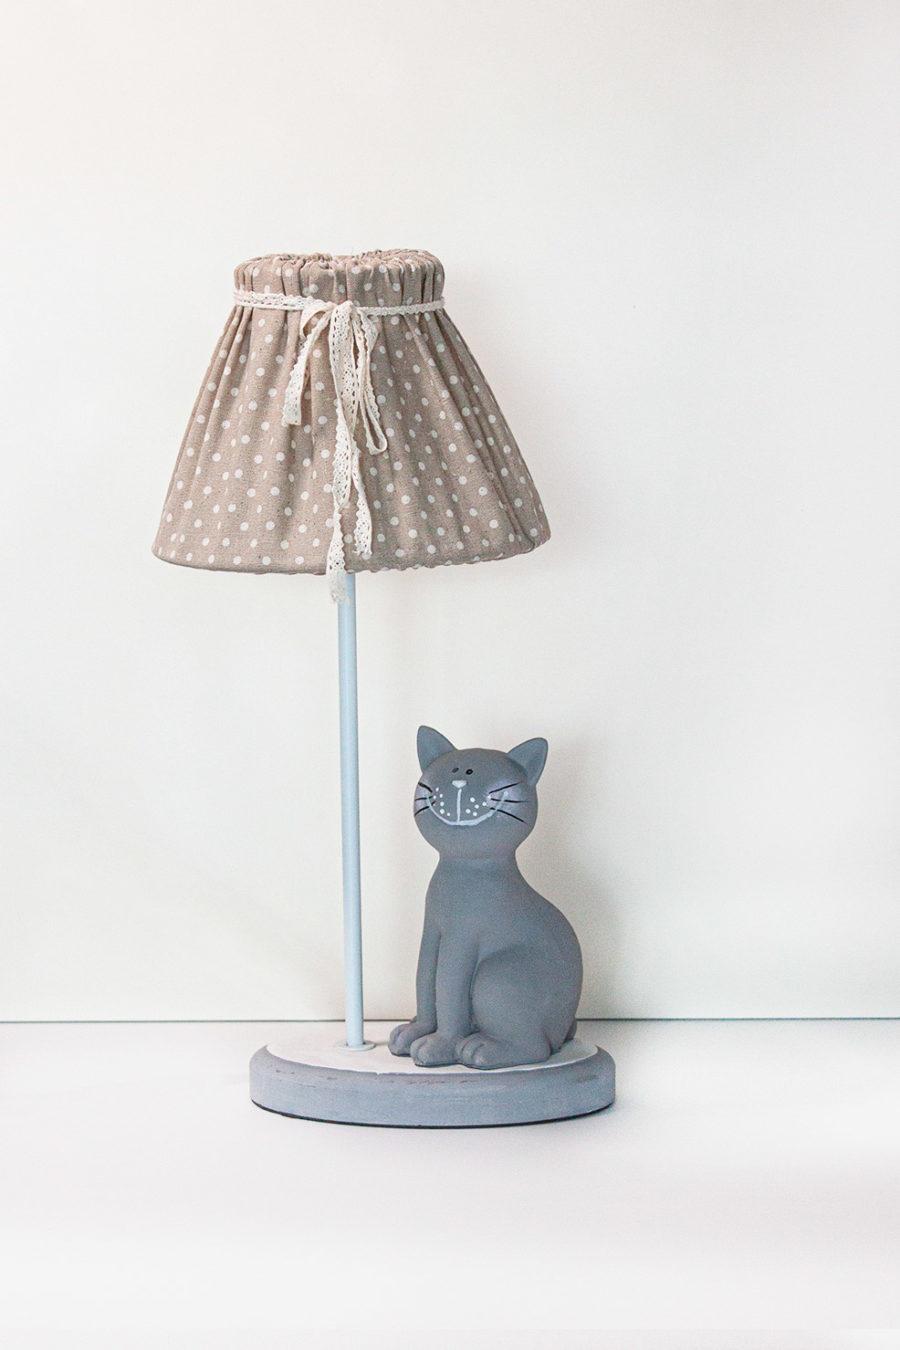 lampada da tavolo con gatto paralume in stoffa fiocco bianco colore beige per bambini stile shabby